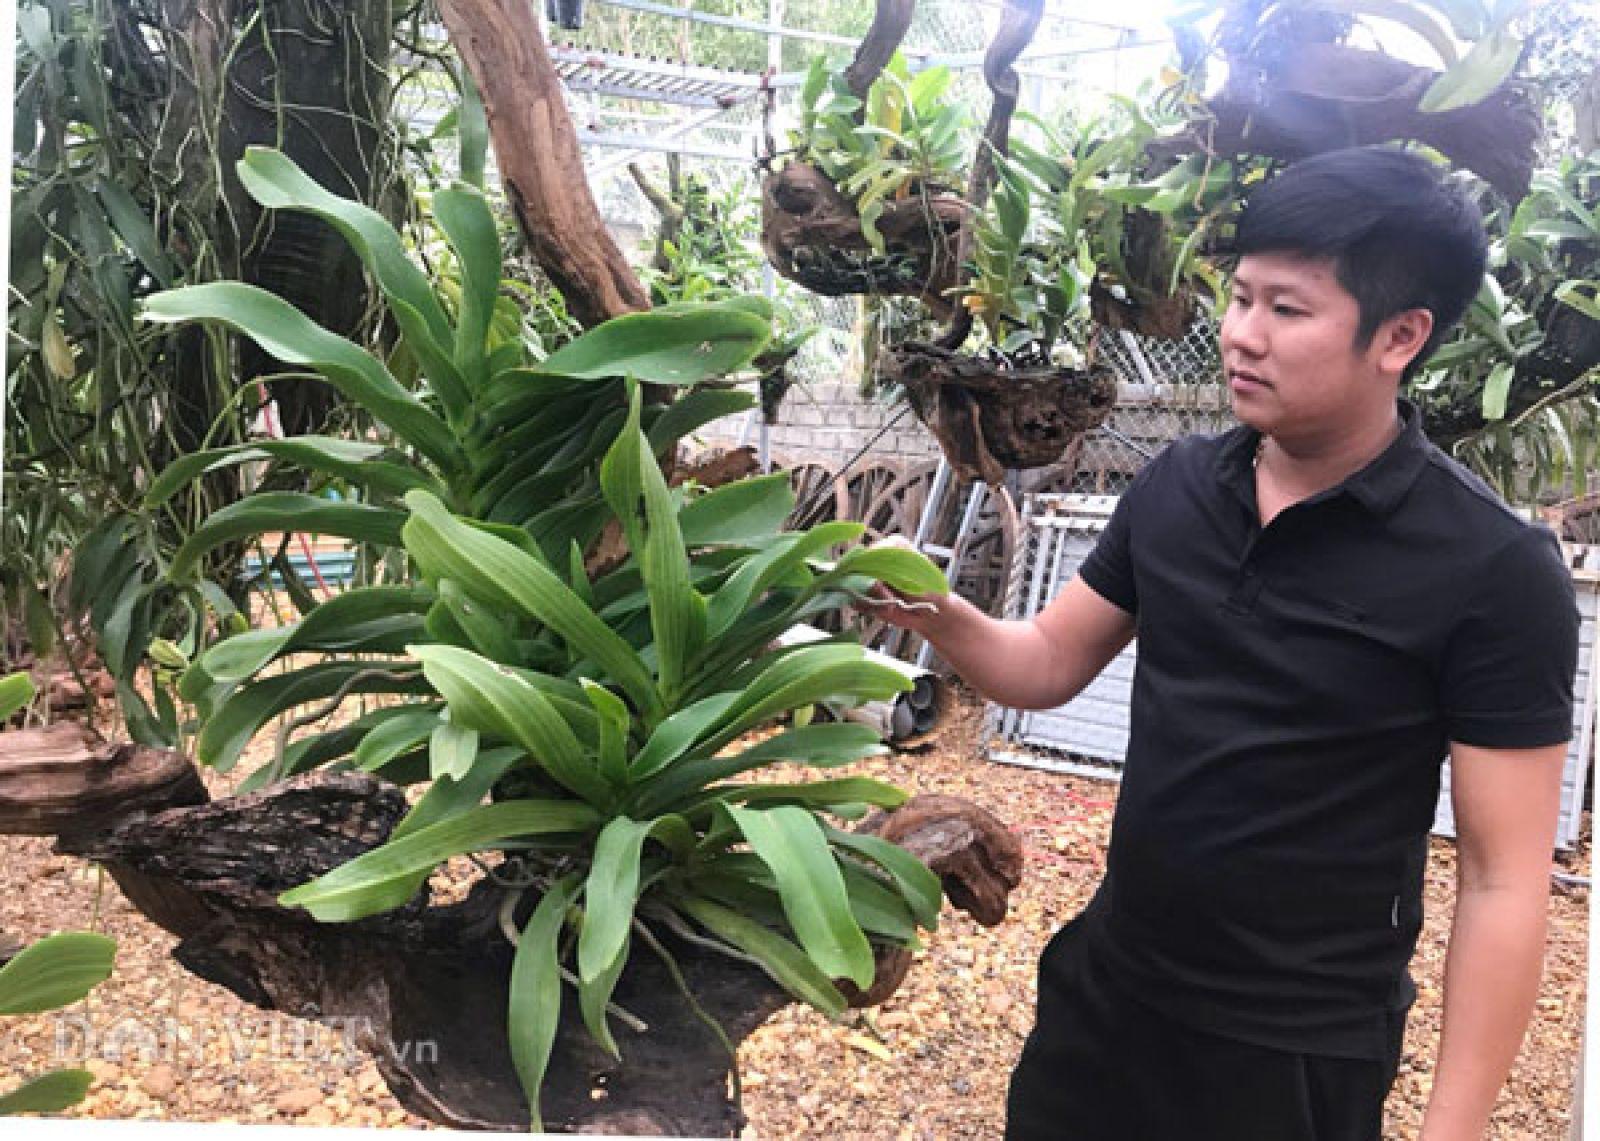 Anh Thắng thường xuyên kiểm tra, phun tưới những nhánh lan rừng trong khu vườn của mình.